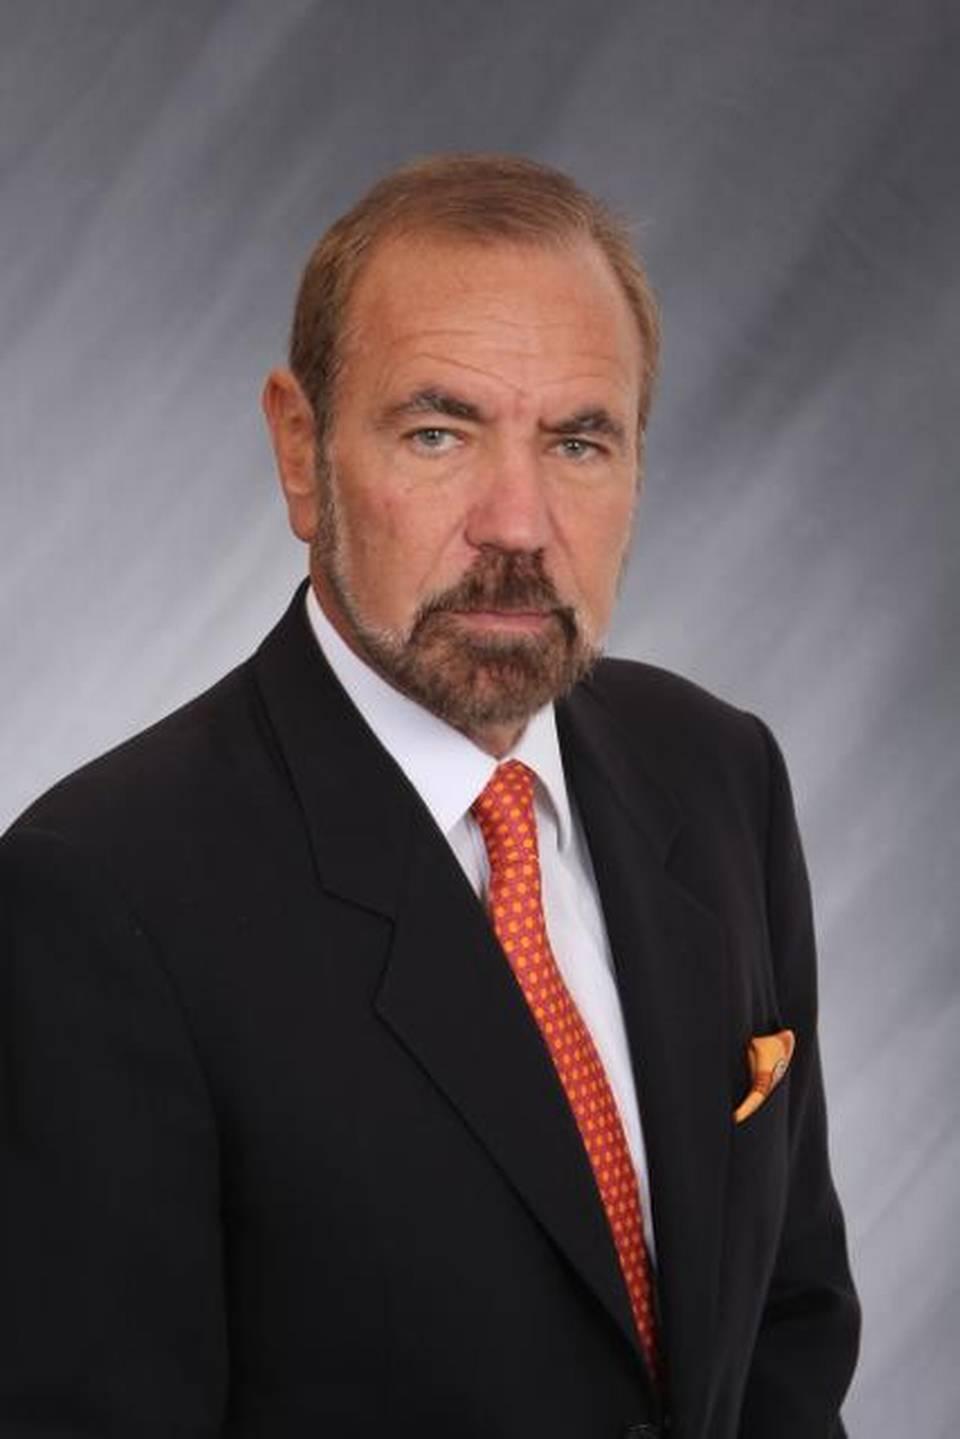 Jorge pérez author businessman cuban descendant